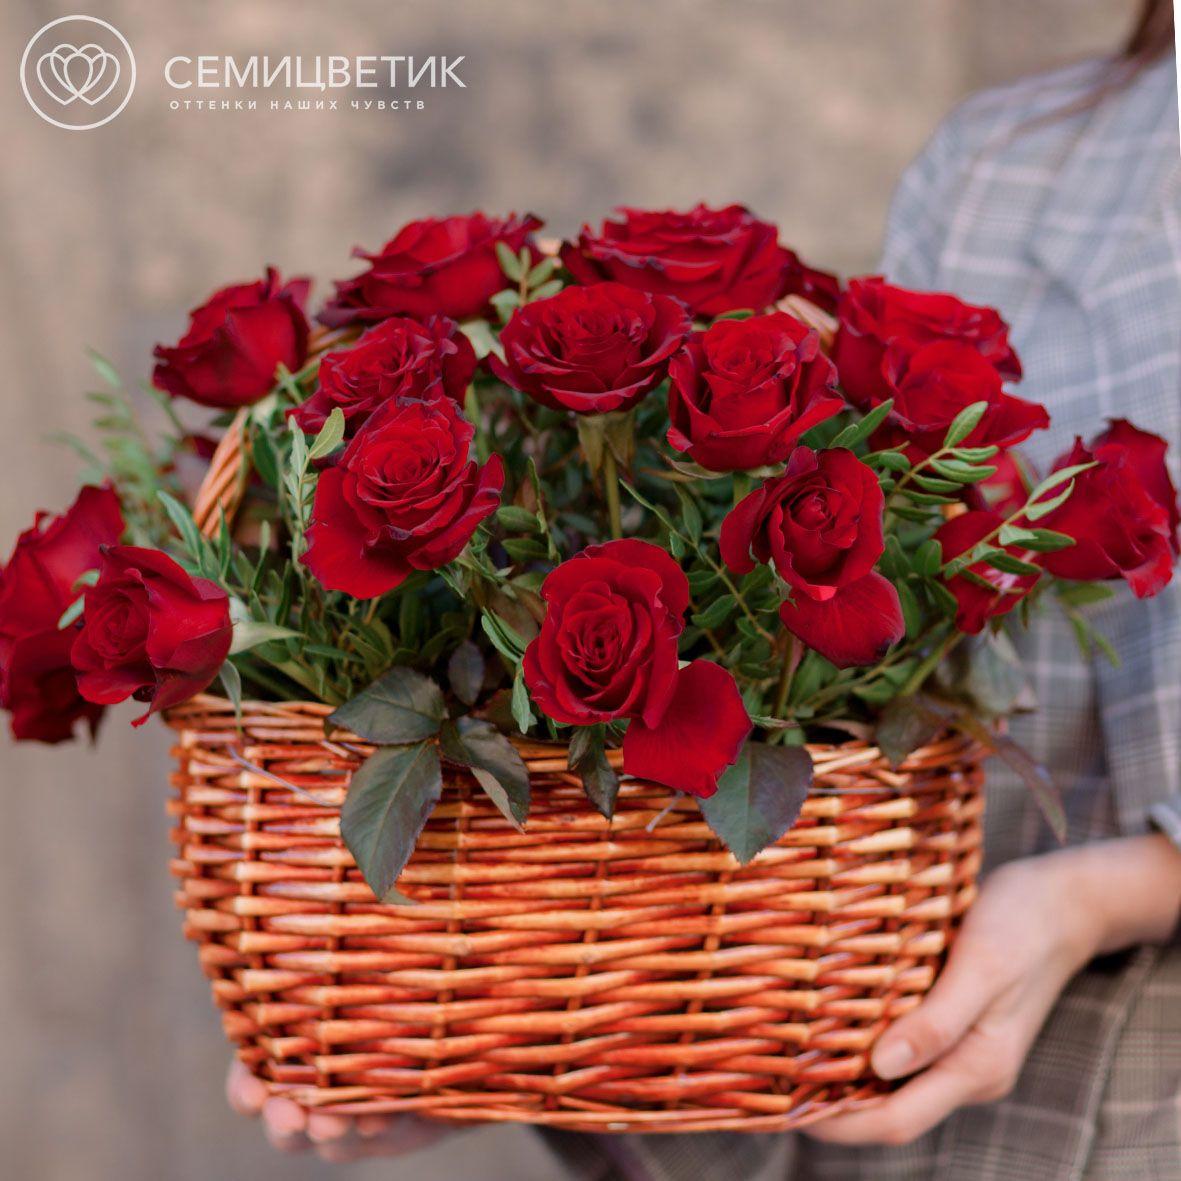 Композиция из 25 красных российских роз (Магия) 35 см в корзине фото